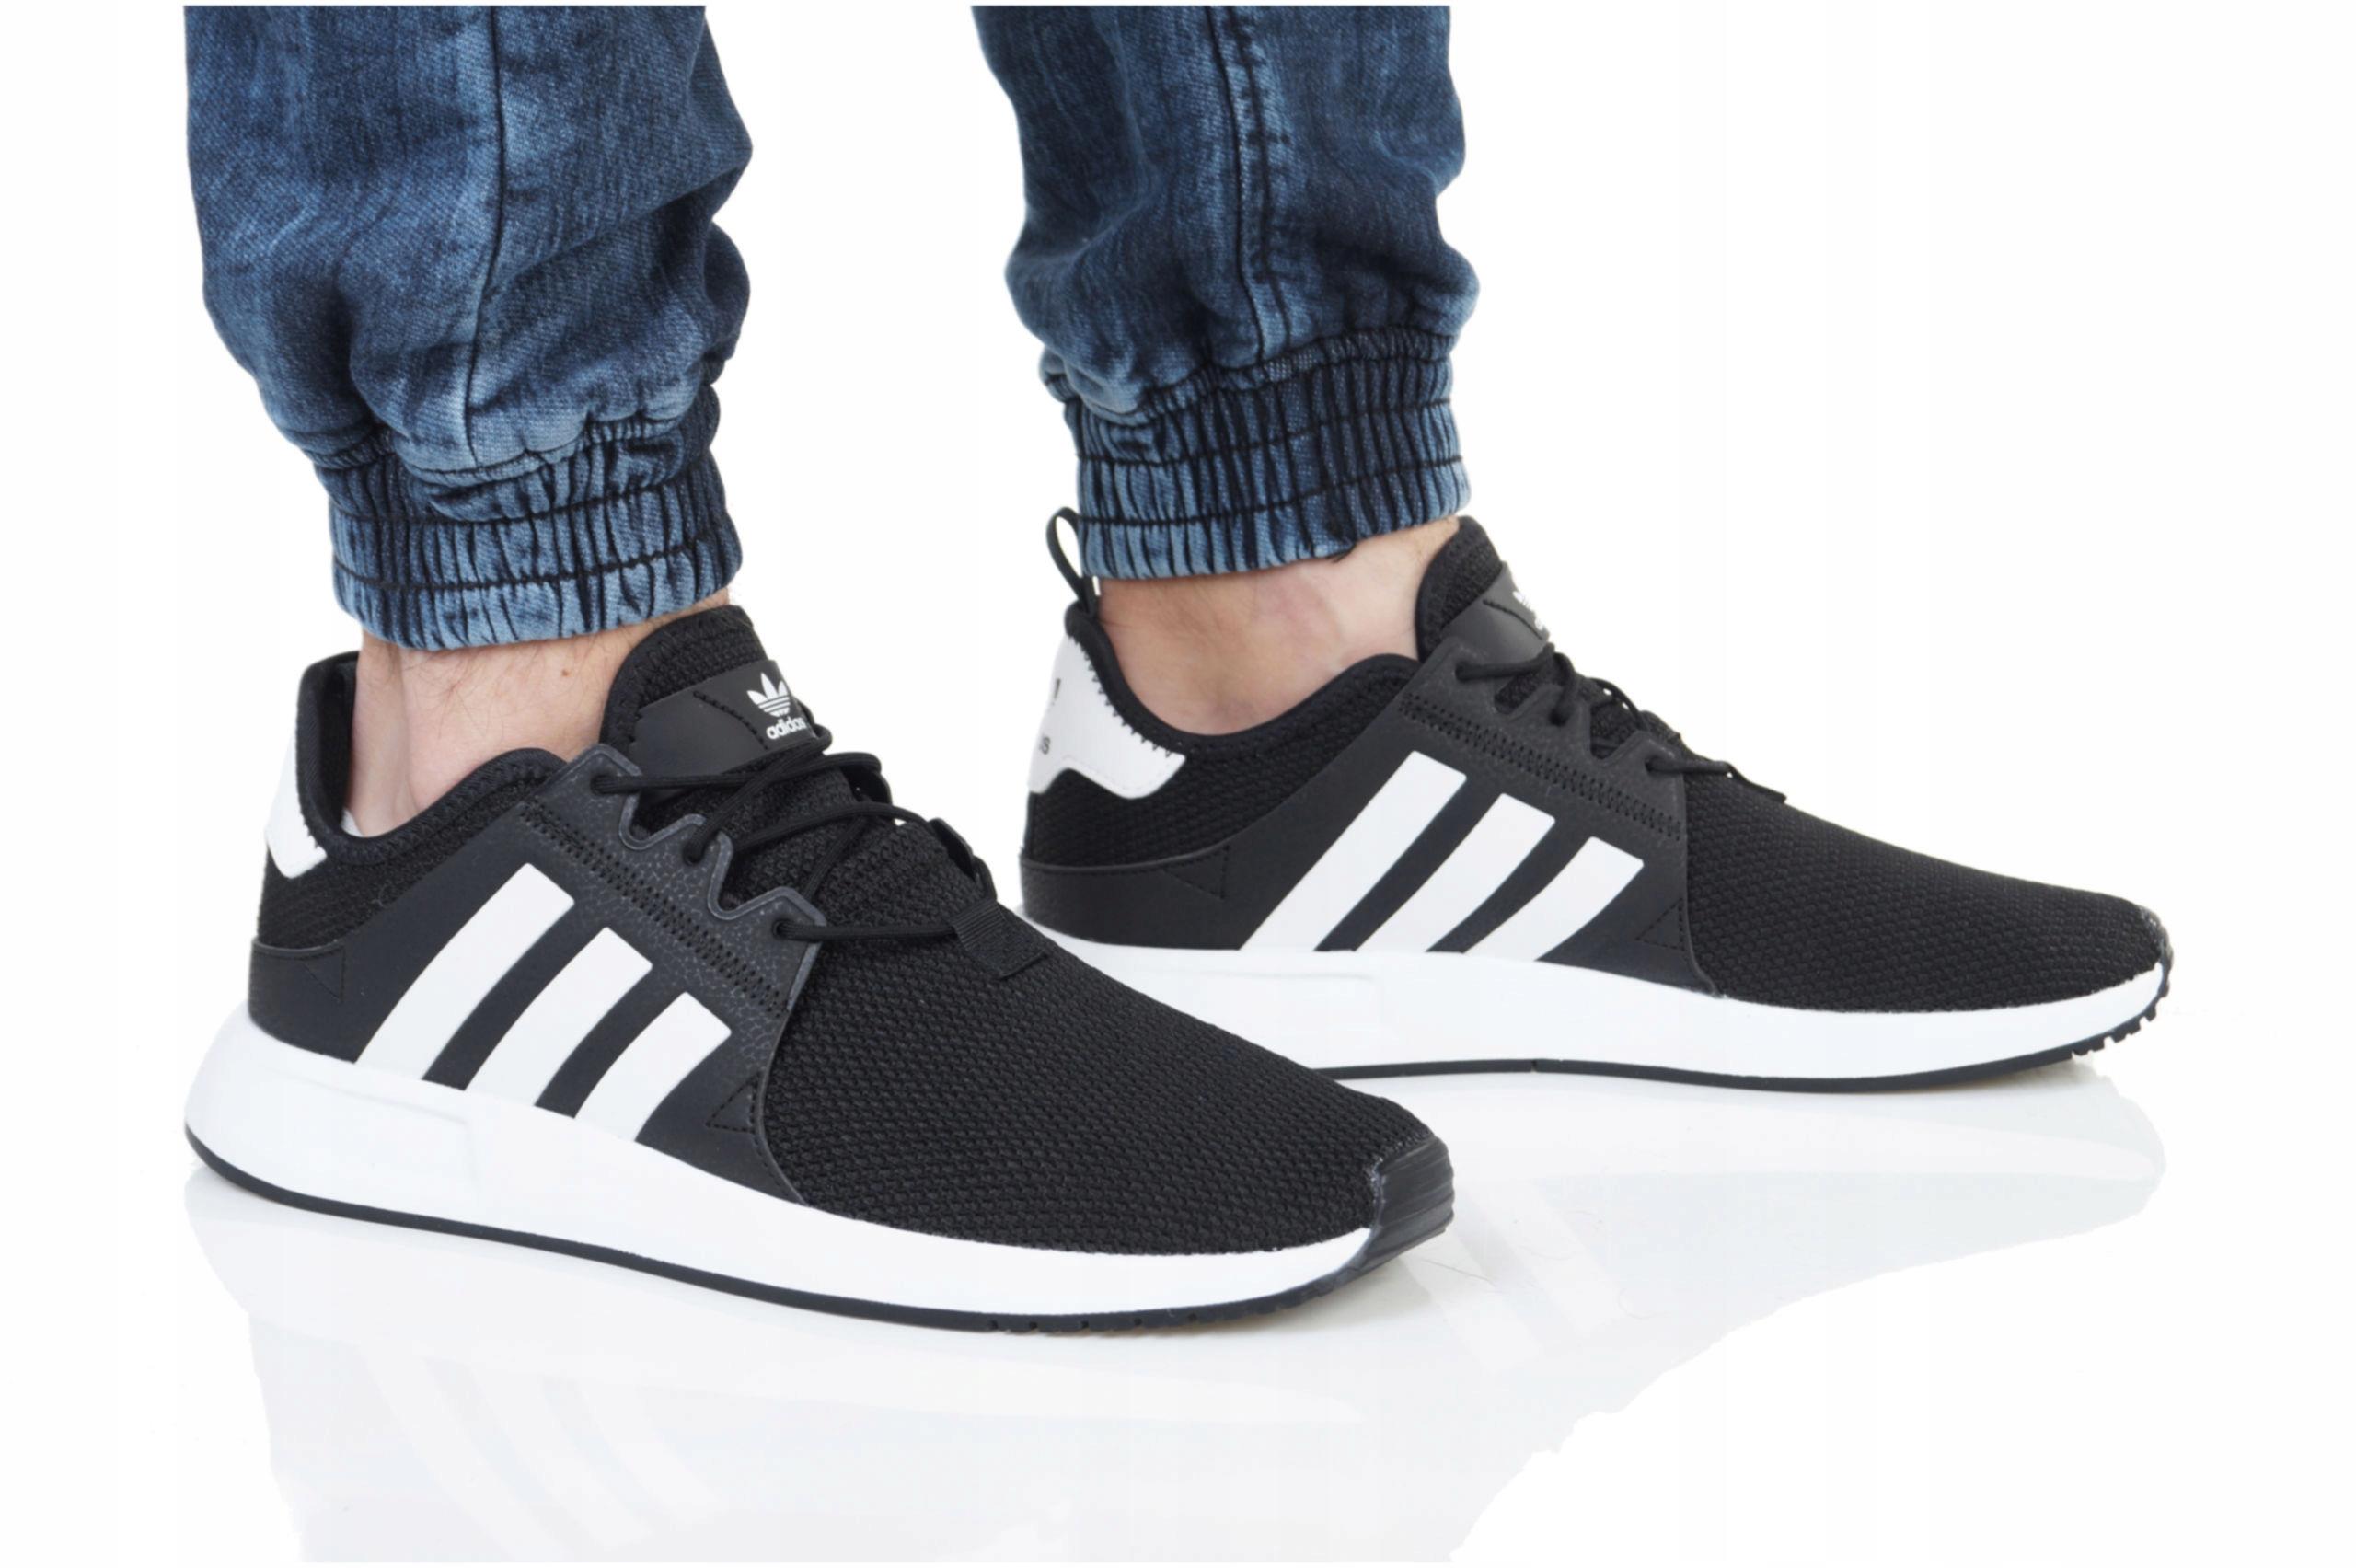 Czarne Kolorowe Tekstylne Buty Adidas rozmiar 43,5